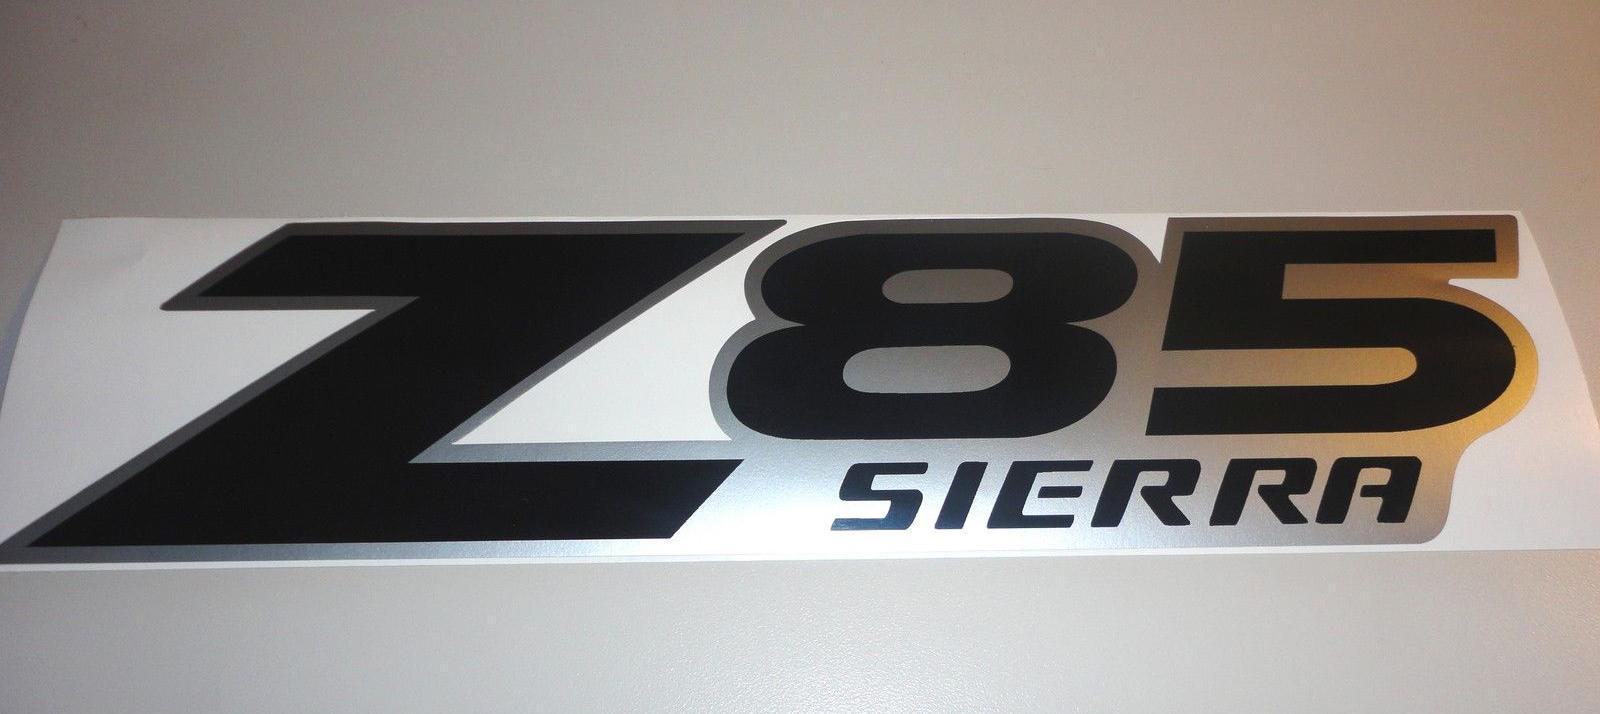 2 GMC Z85 SIERRA Werksaufkleber AUFKLEBER SCHWARZ SILBER LR